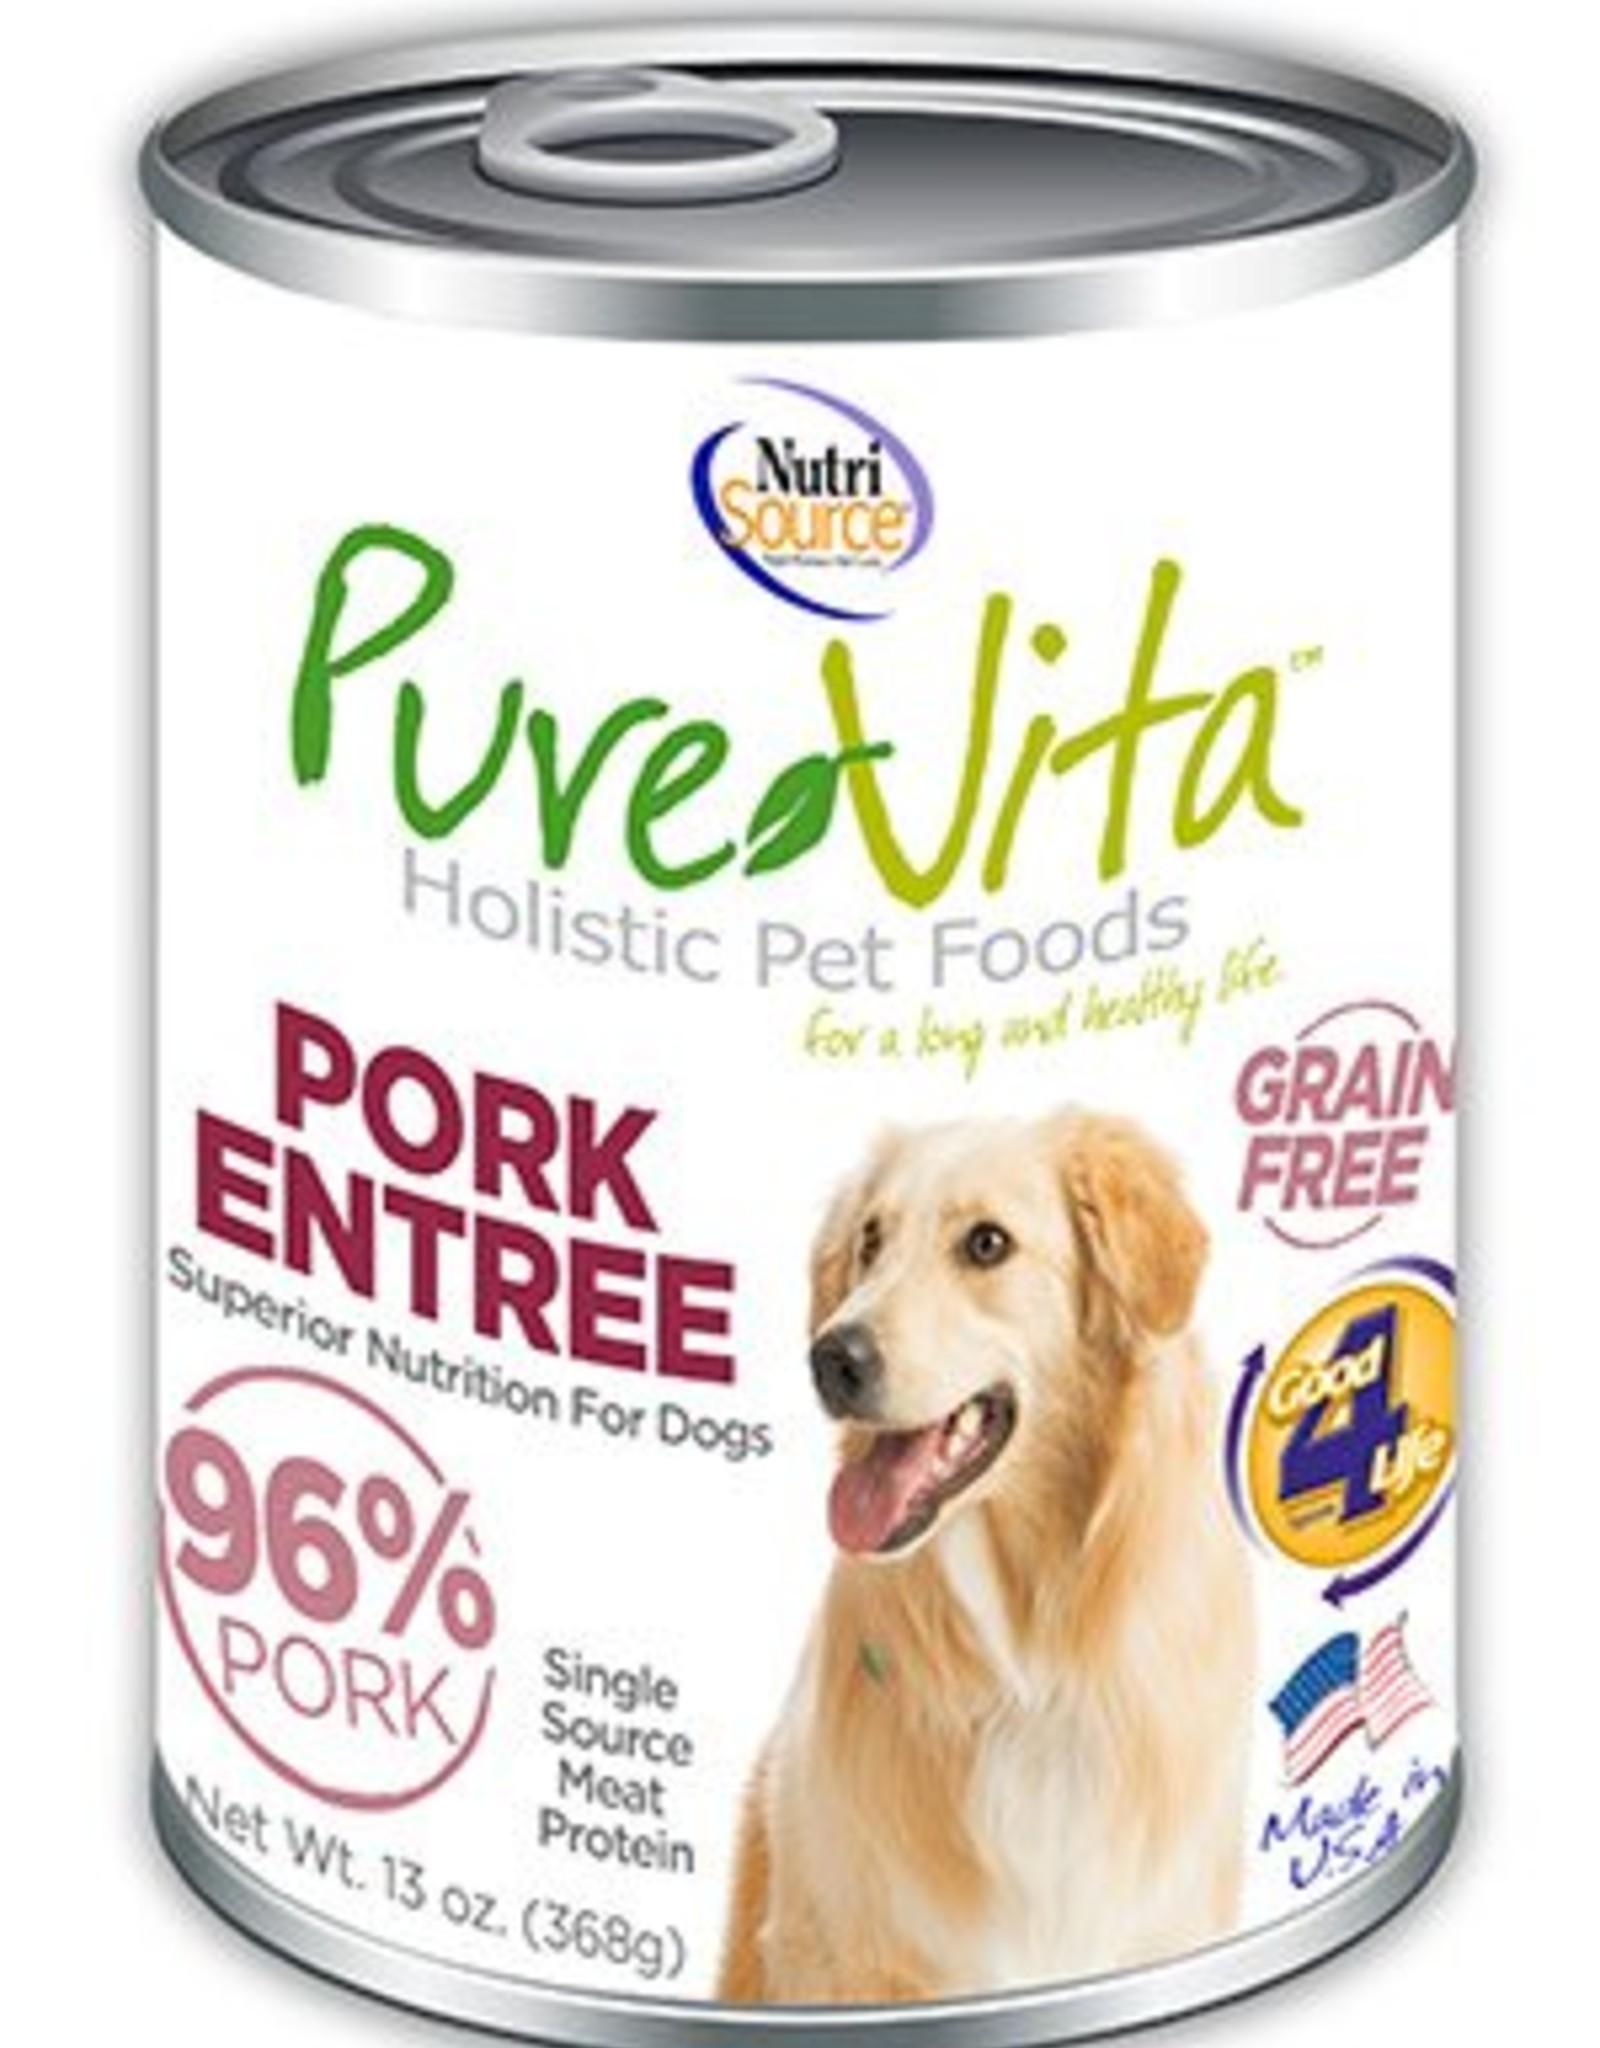 PureVita PureVita Pork & Pork Liver Dog Cans 13oz